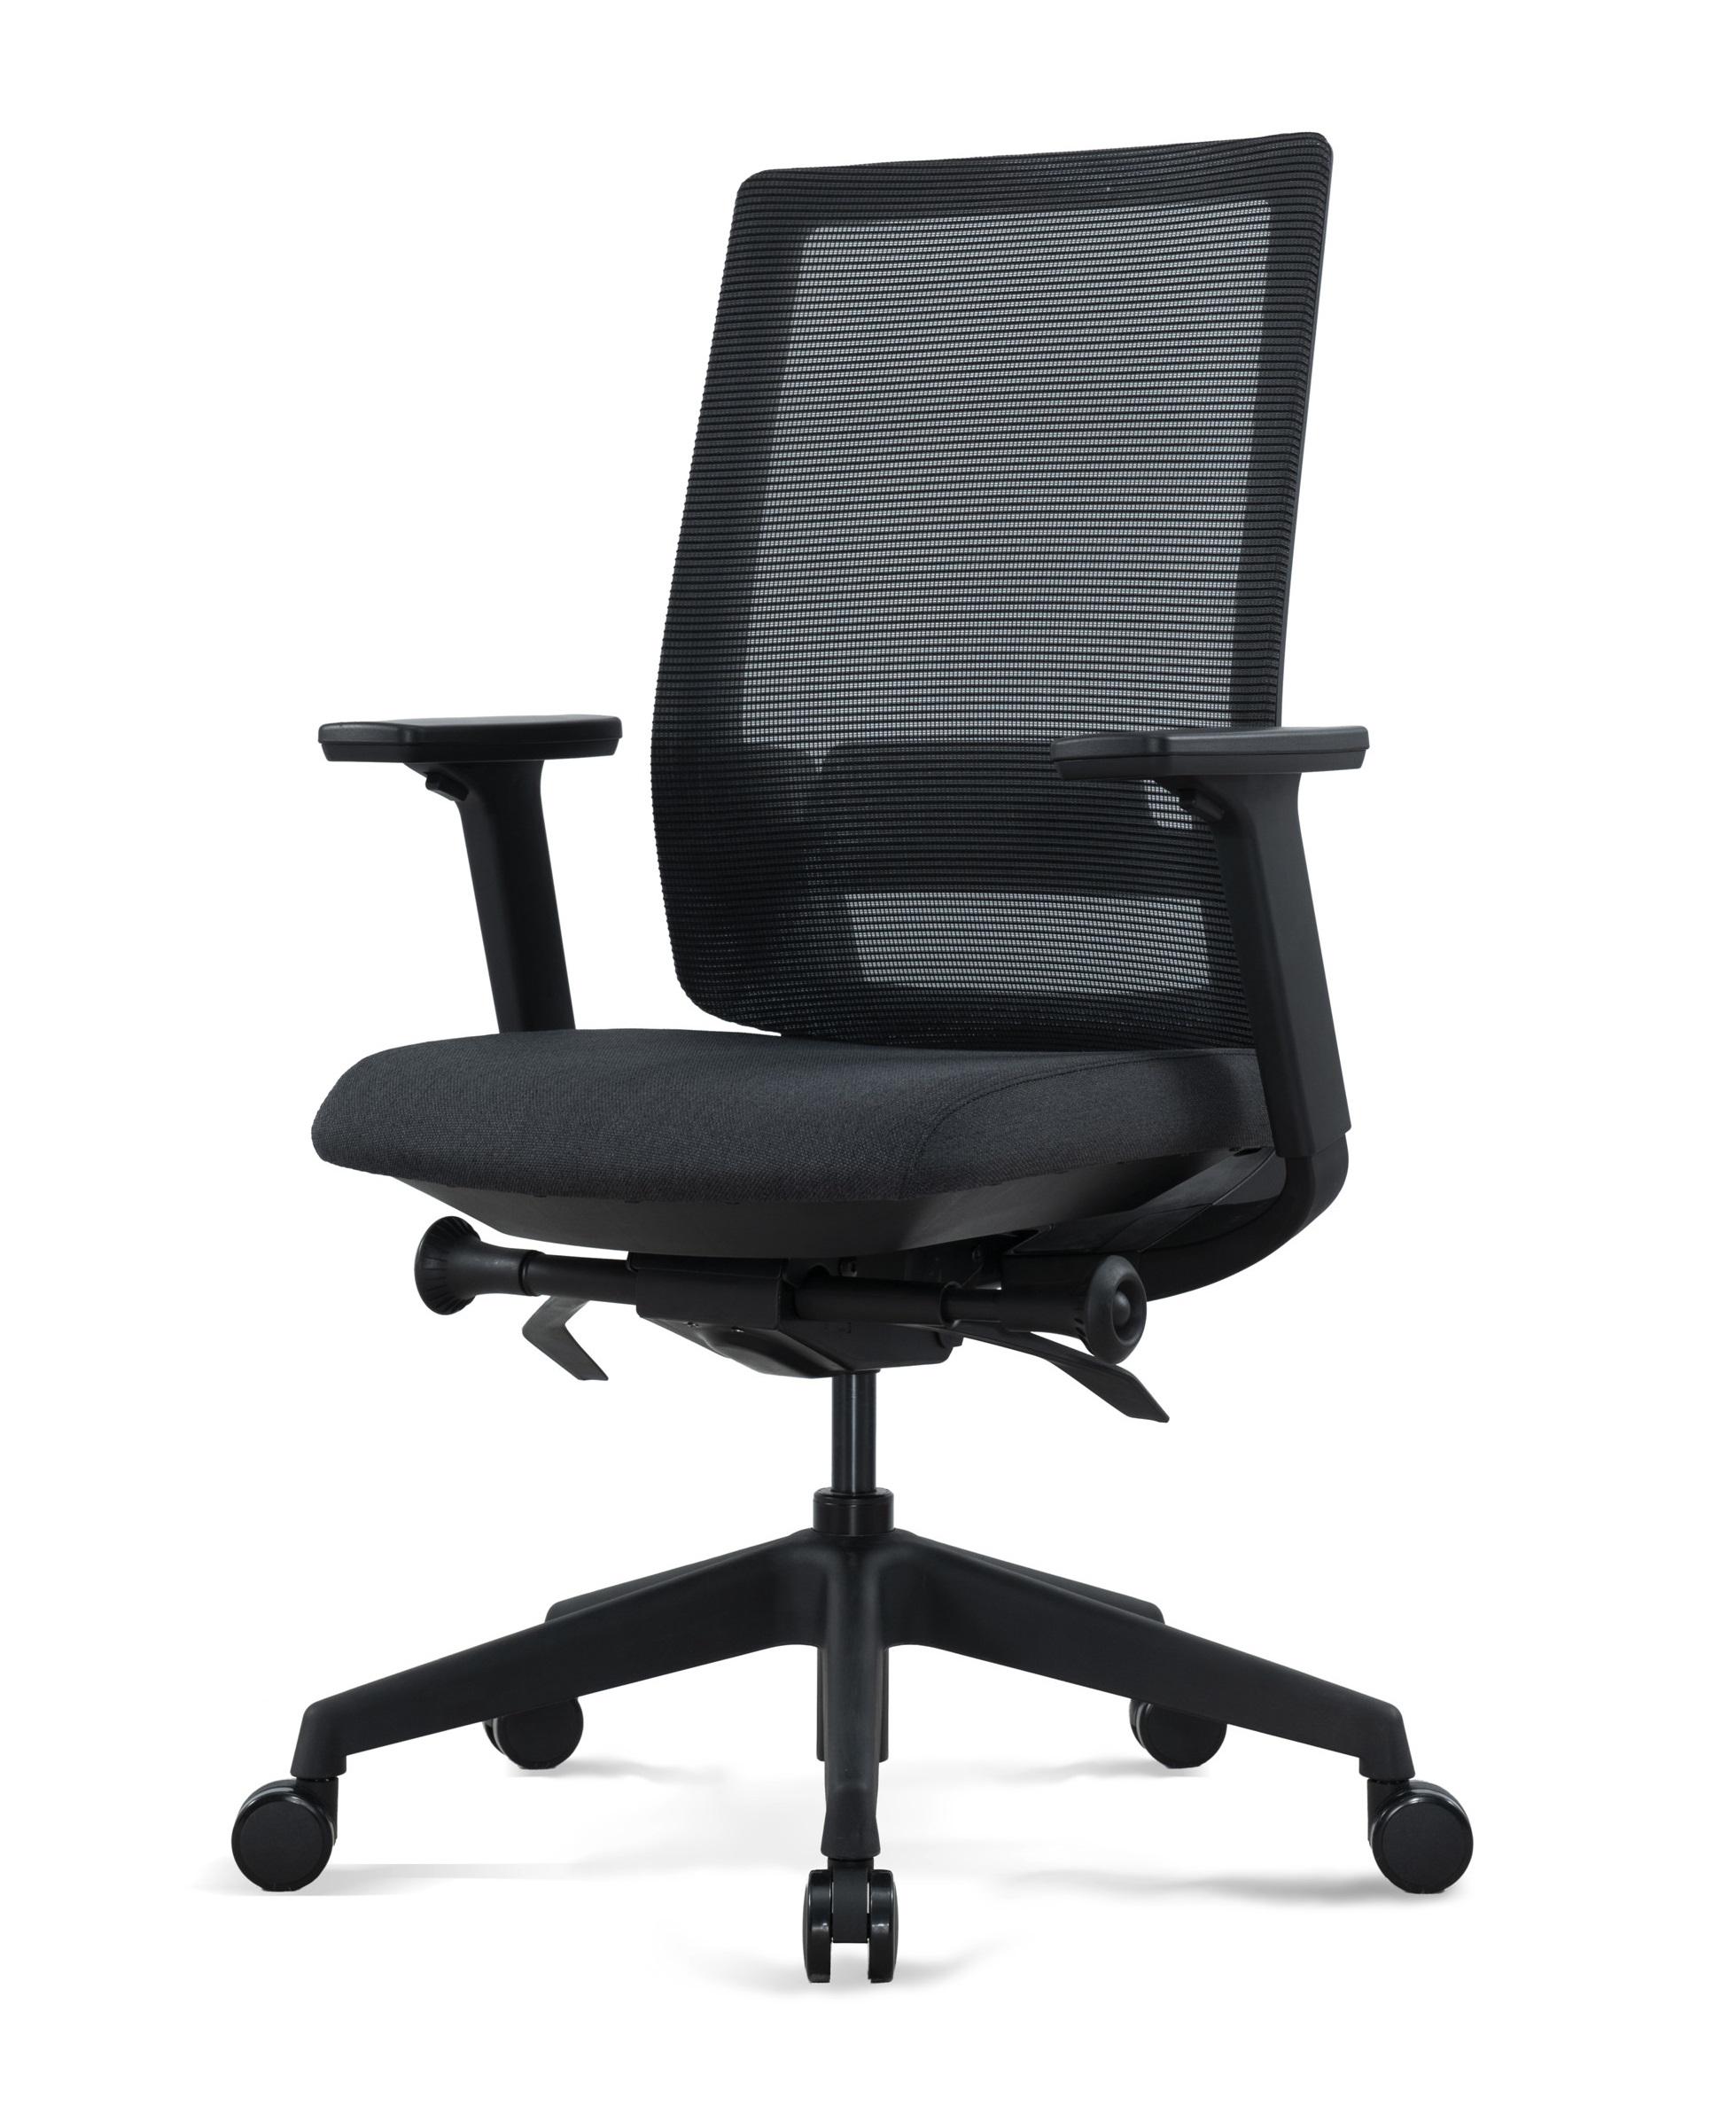 Viking 5 Executive Chair